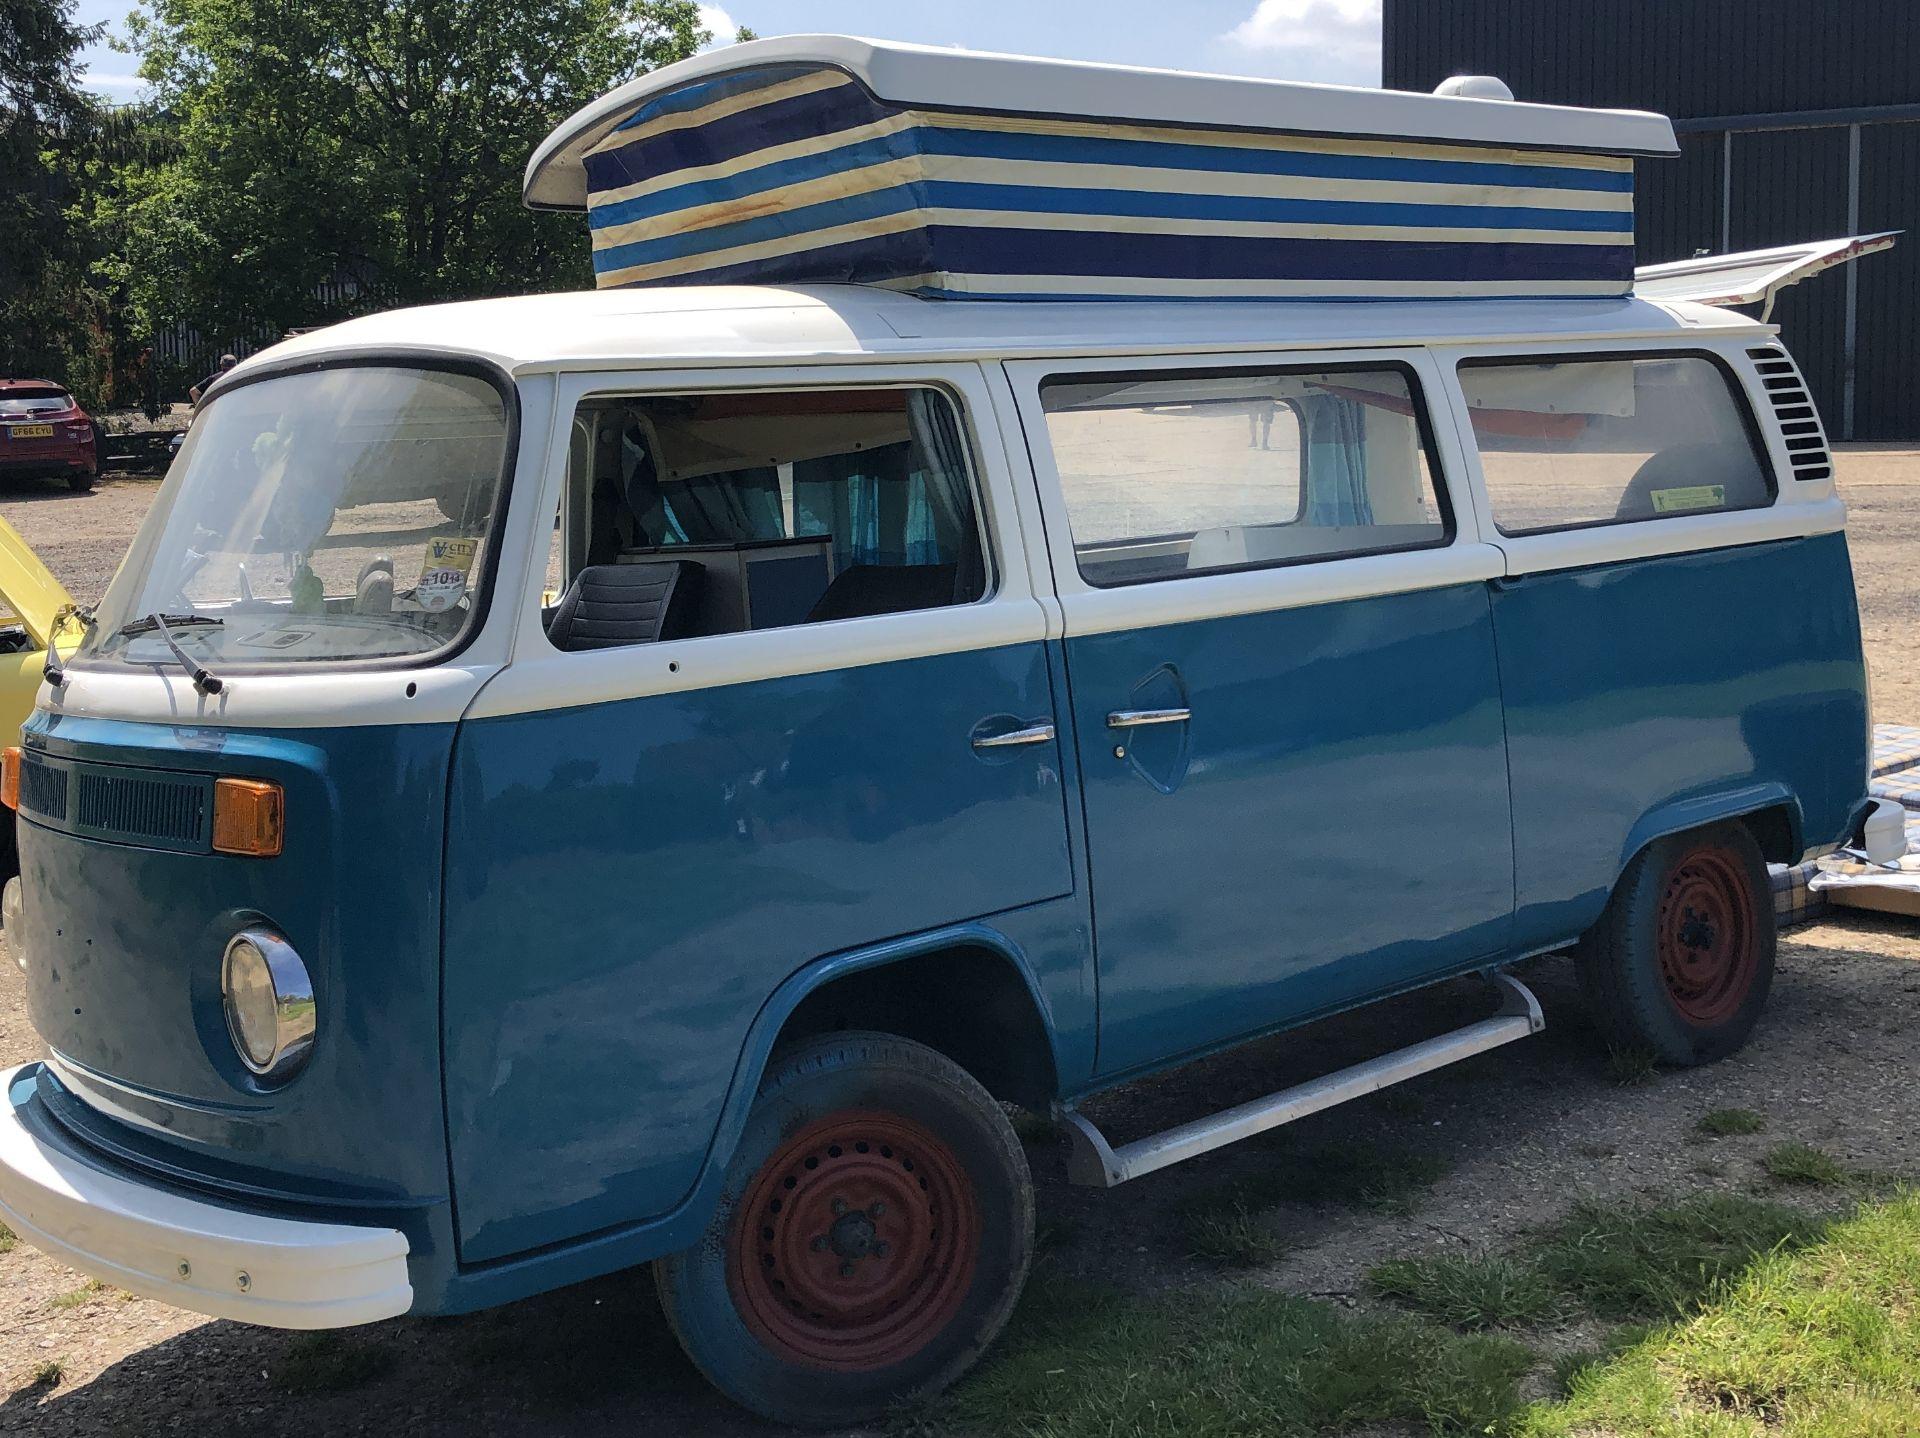 VW Microbus 8 Seater Caravanette Devon - 'Mr Blue' Petrol, Registration UMH 420S, First Registered - Image 13 of 47